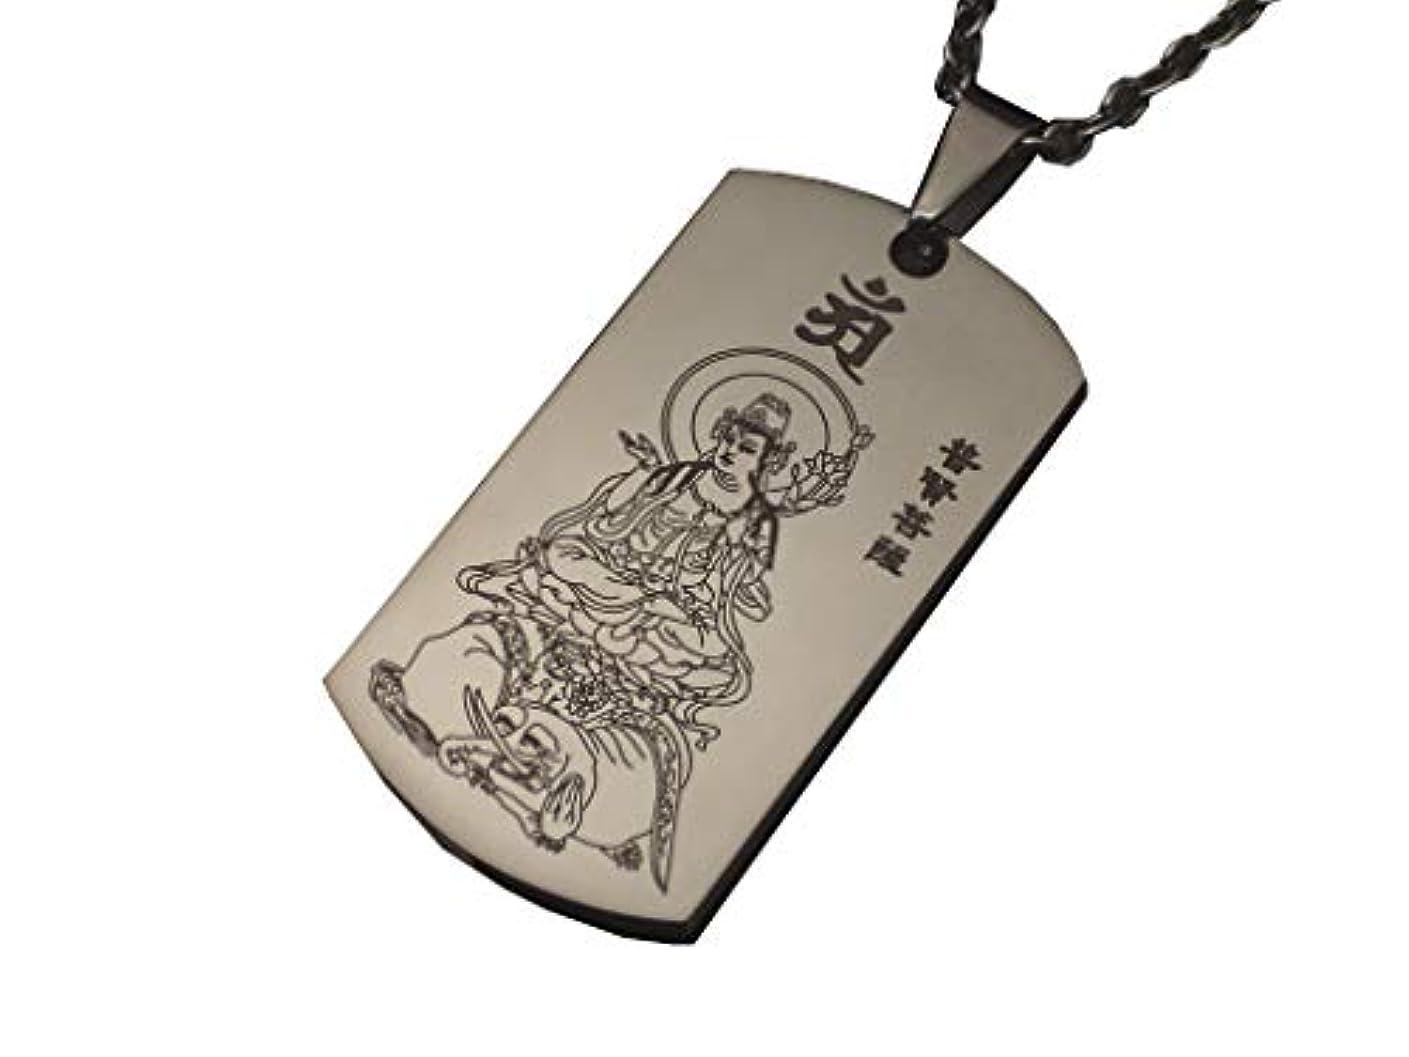 栄養ドナー有力者八尊仏般若心経チタンペンダントNo.8354 普賢菩薩(巳)